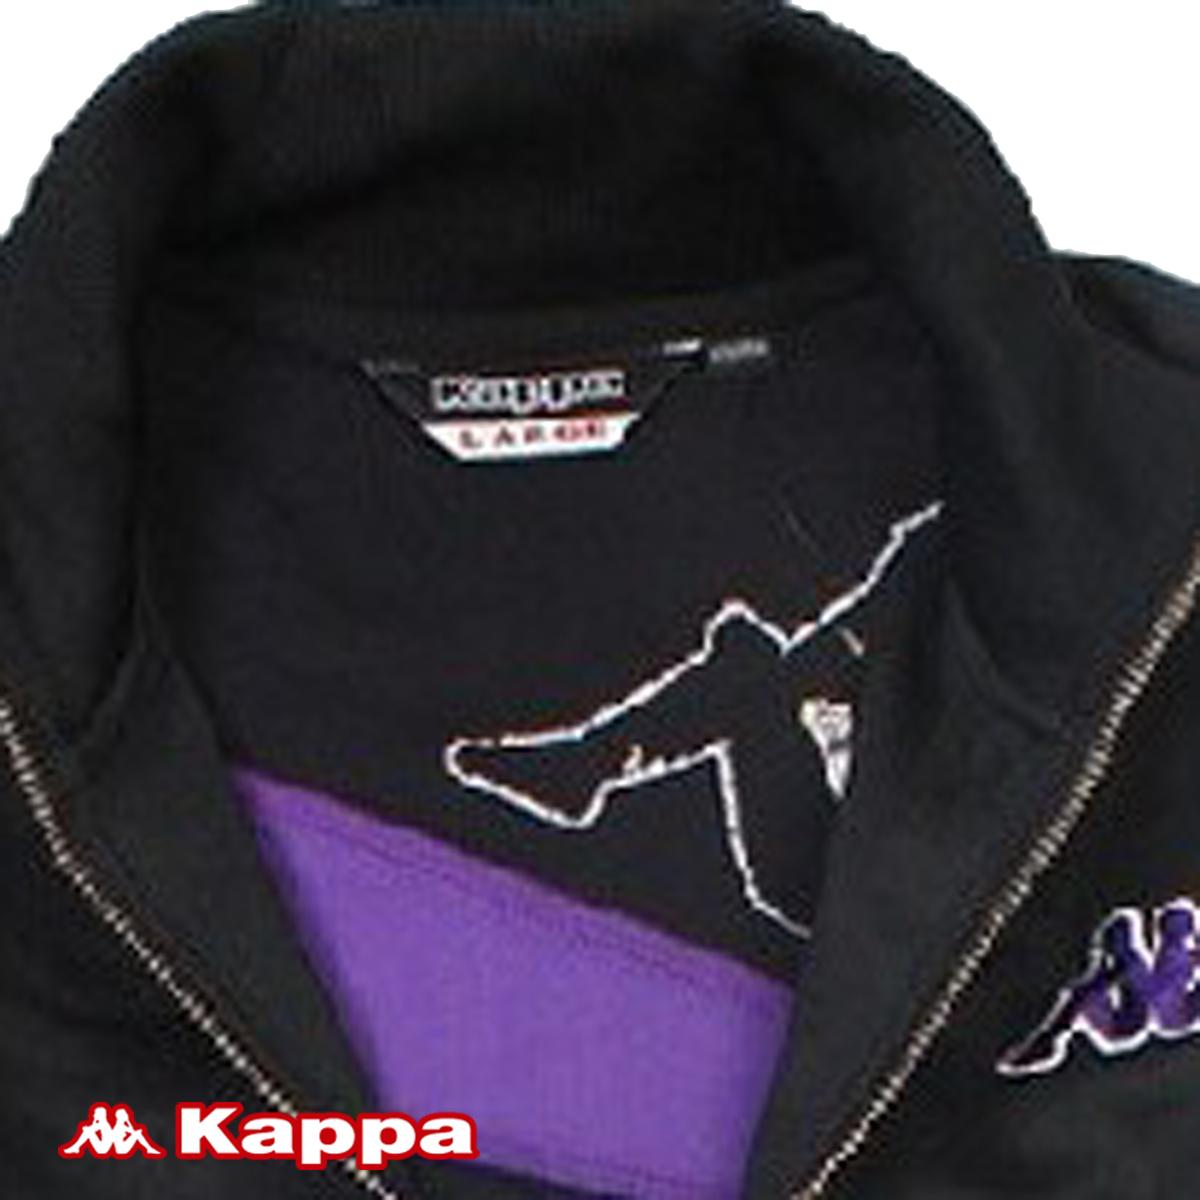 Спортивная толстовка Kappa k2093wk076/990. K2093WK076-990 Женские Кардиган CVC Спорт и отдых Воздухопроницаемые 2009 год весна-лето